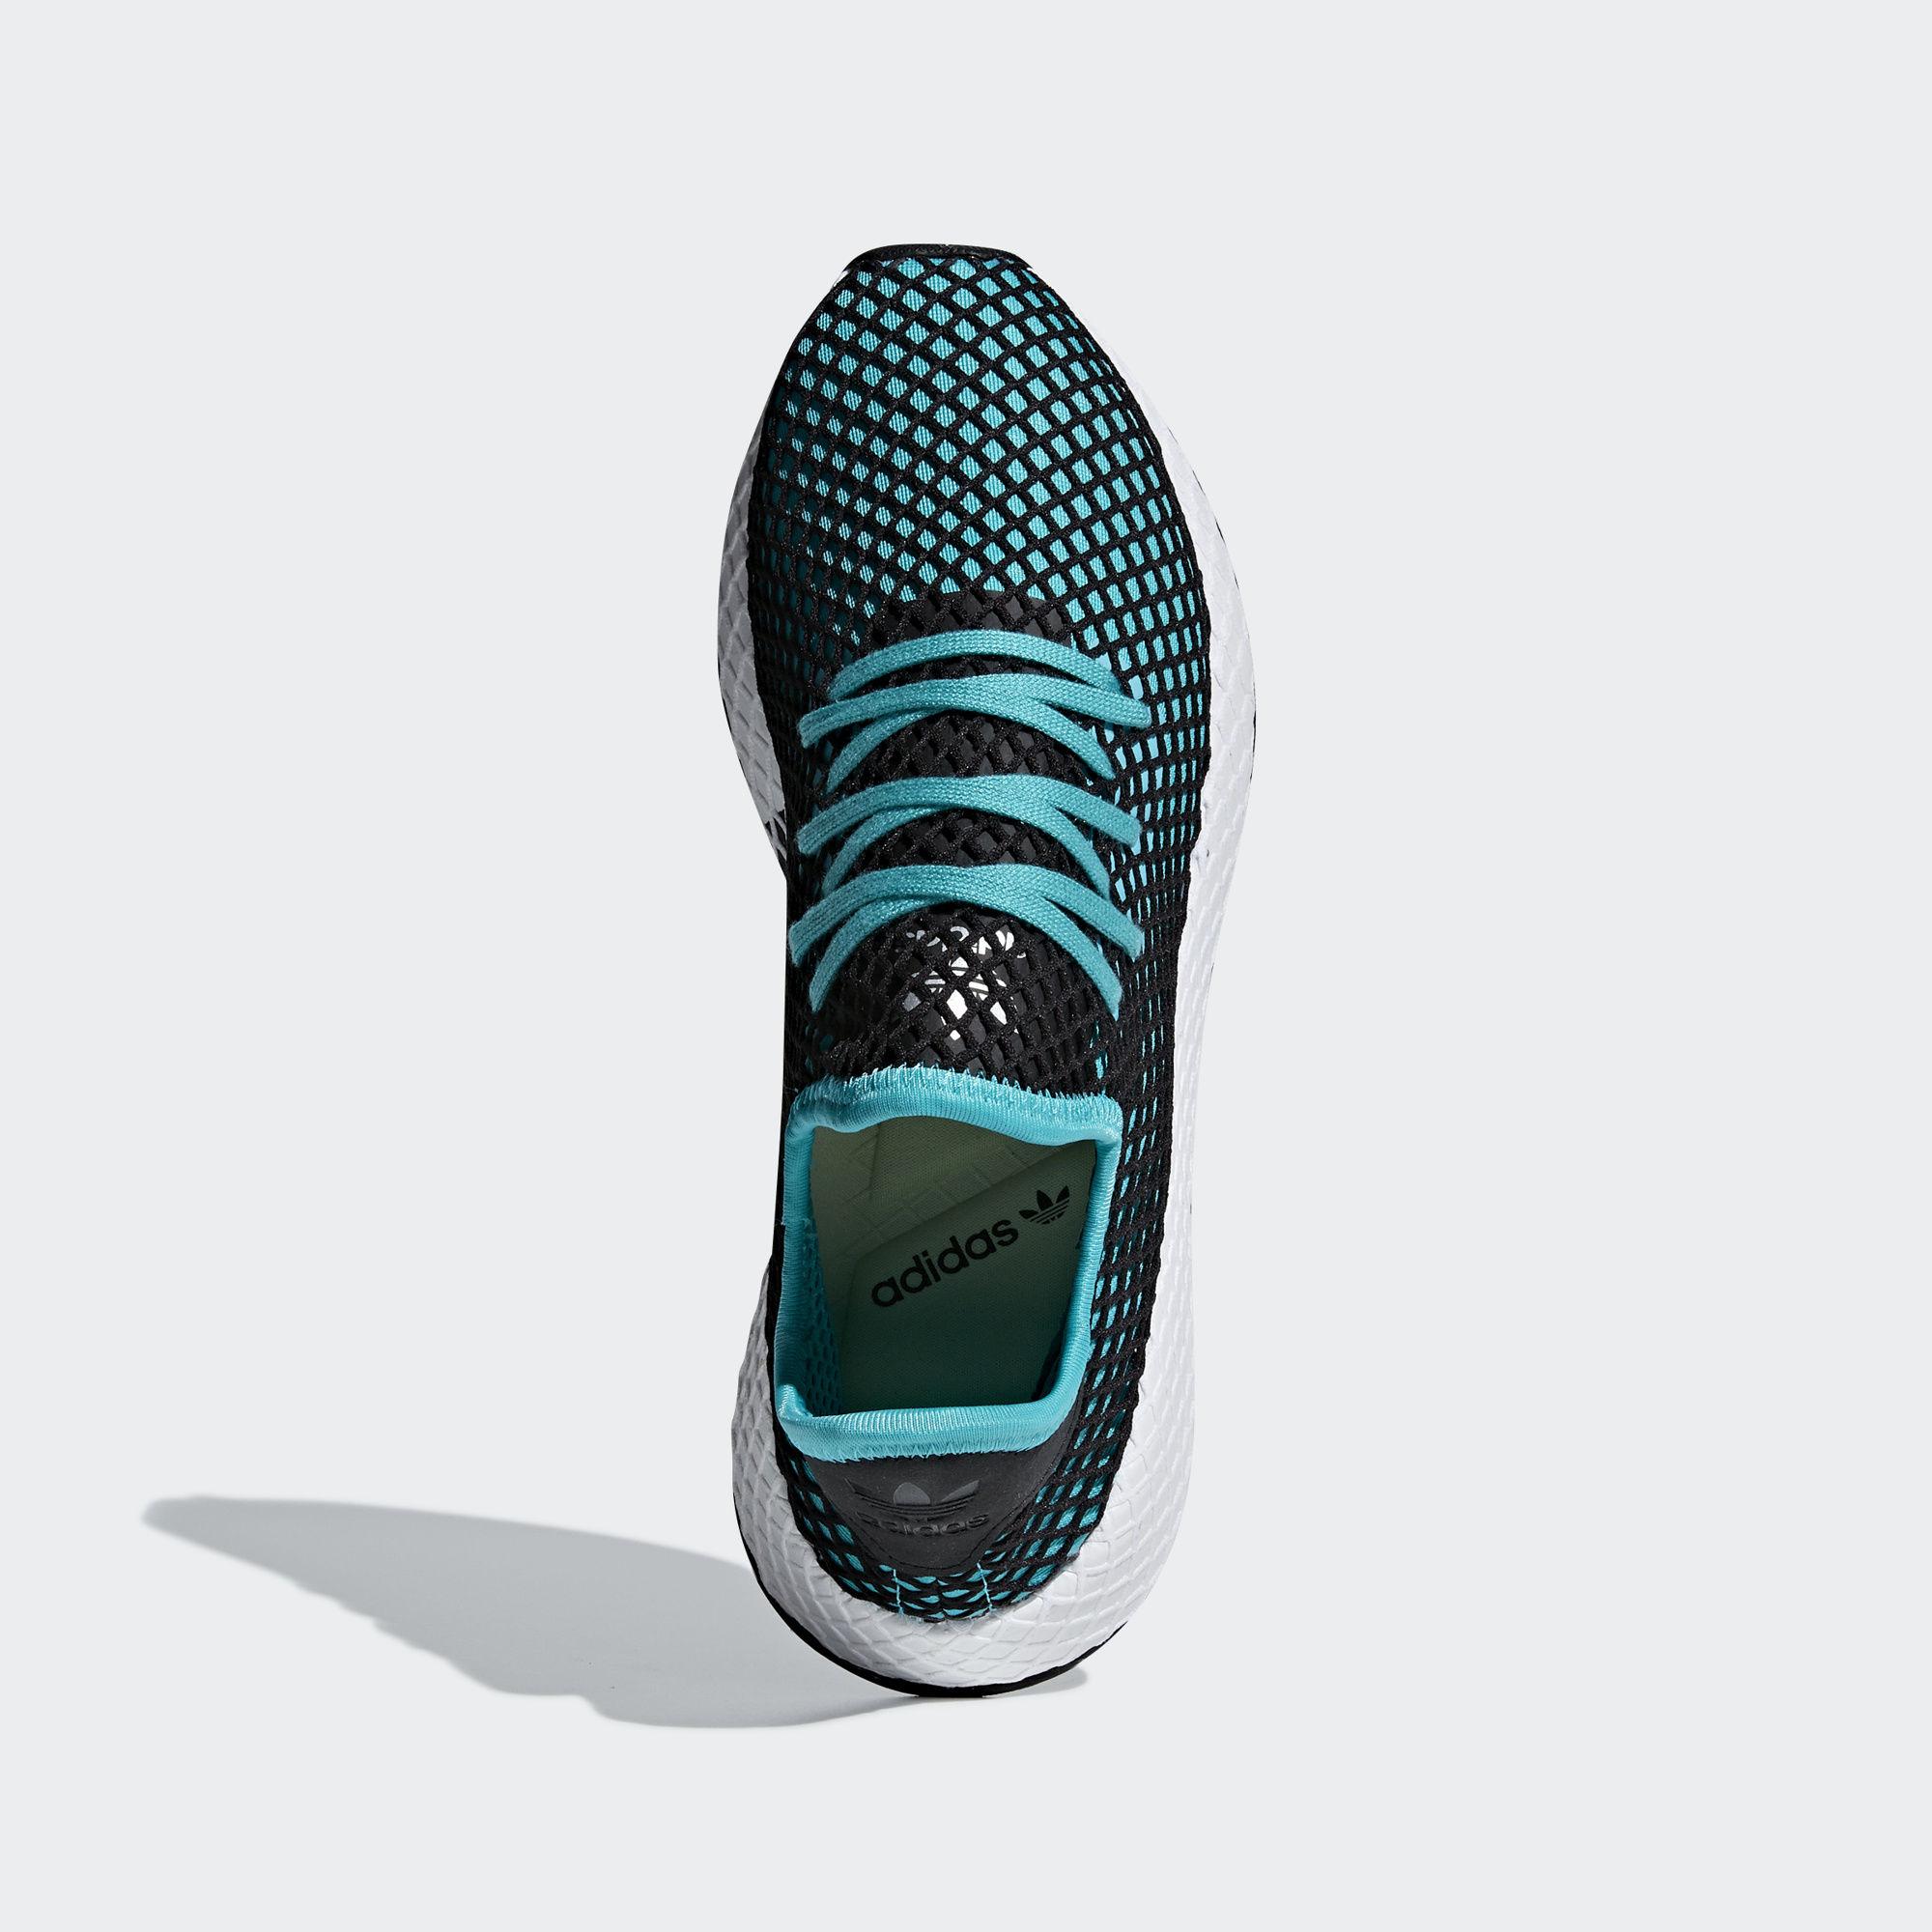 Adidas Deerupt Runner Hi-Res Aqua / Hi-Res Aqua / Core Black (B41775)